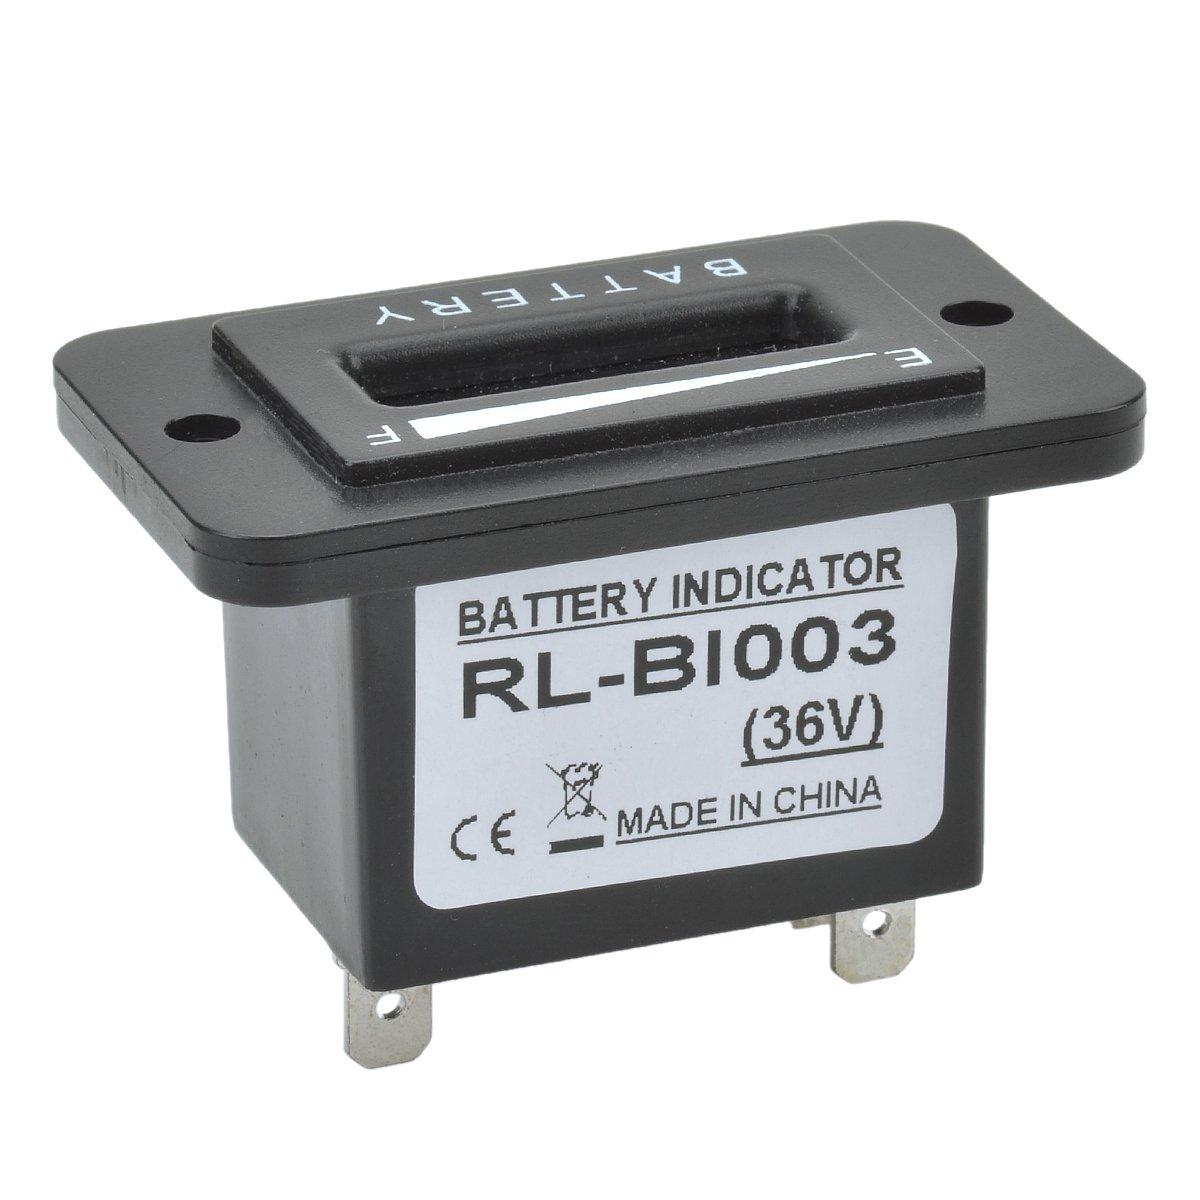 IDS Home 10-Segment LED Display 36V Battery Indicator Meter Gauge for Golf Cart, Yacht, Motorcycle, Forklift